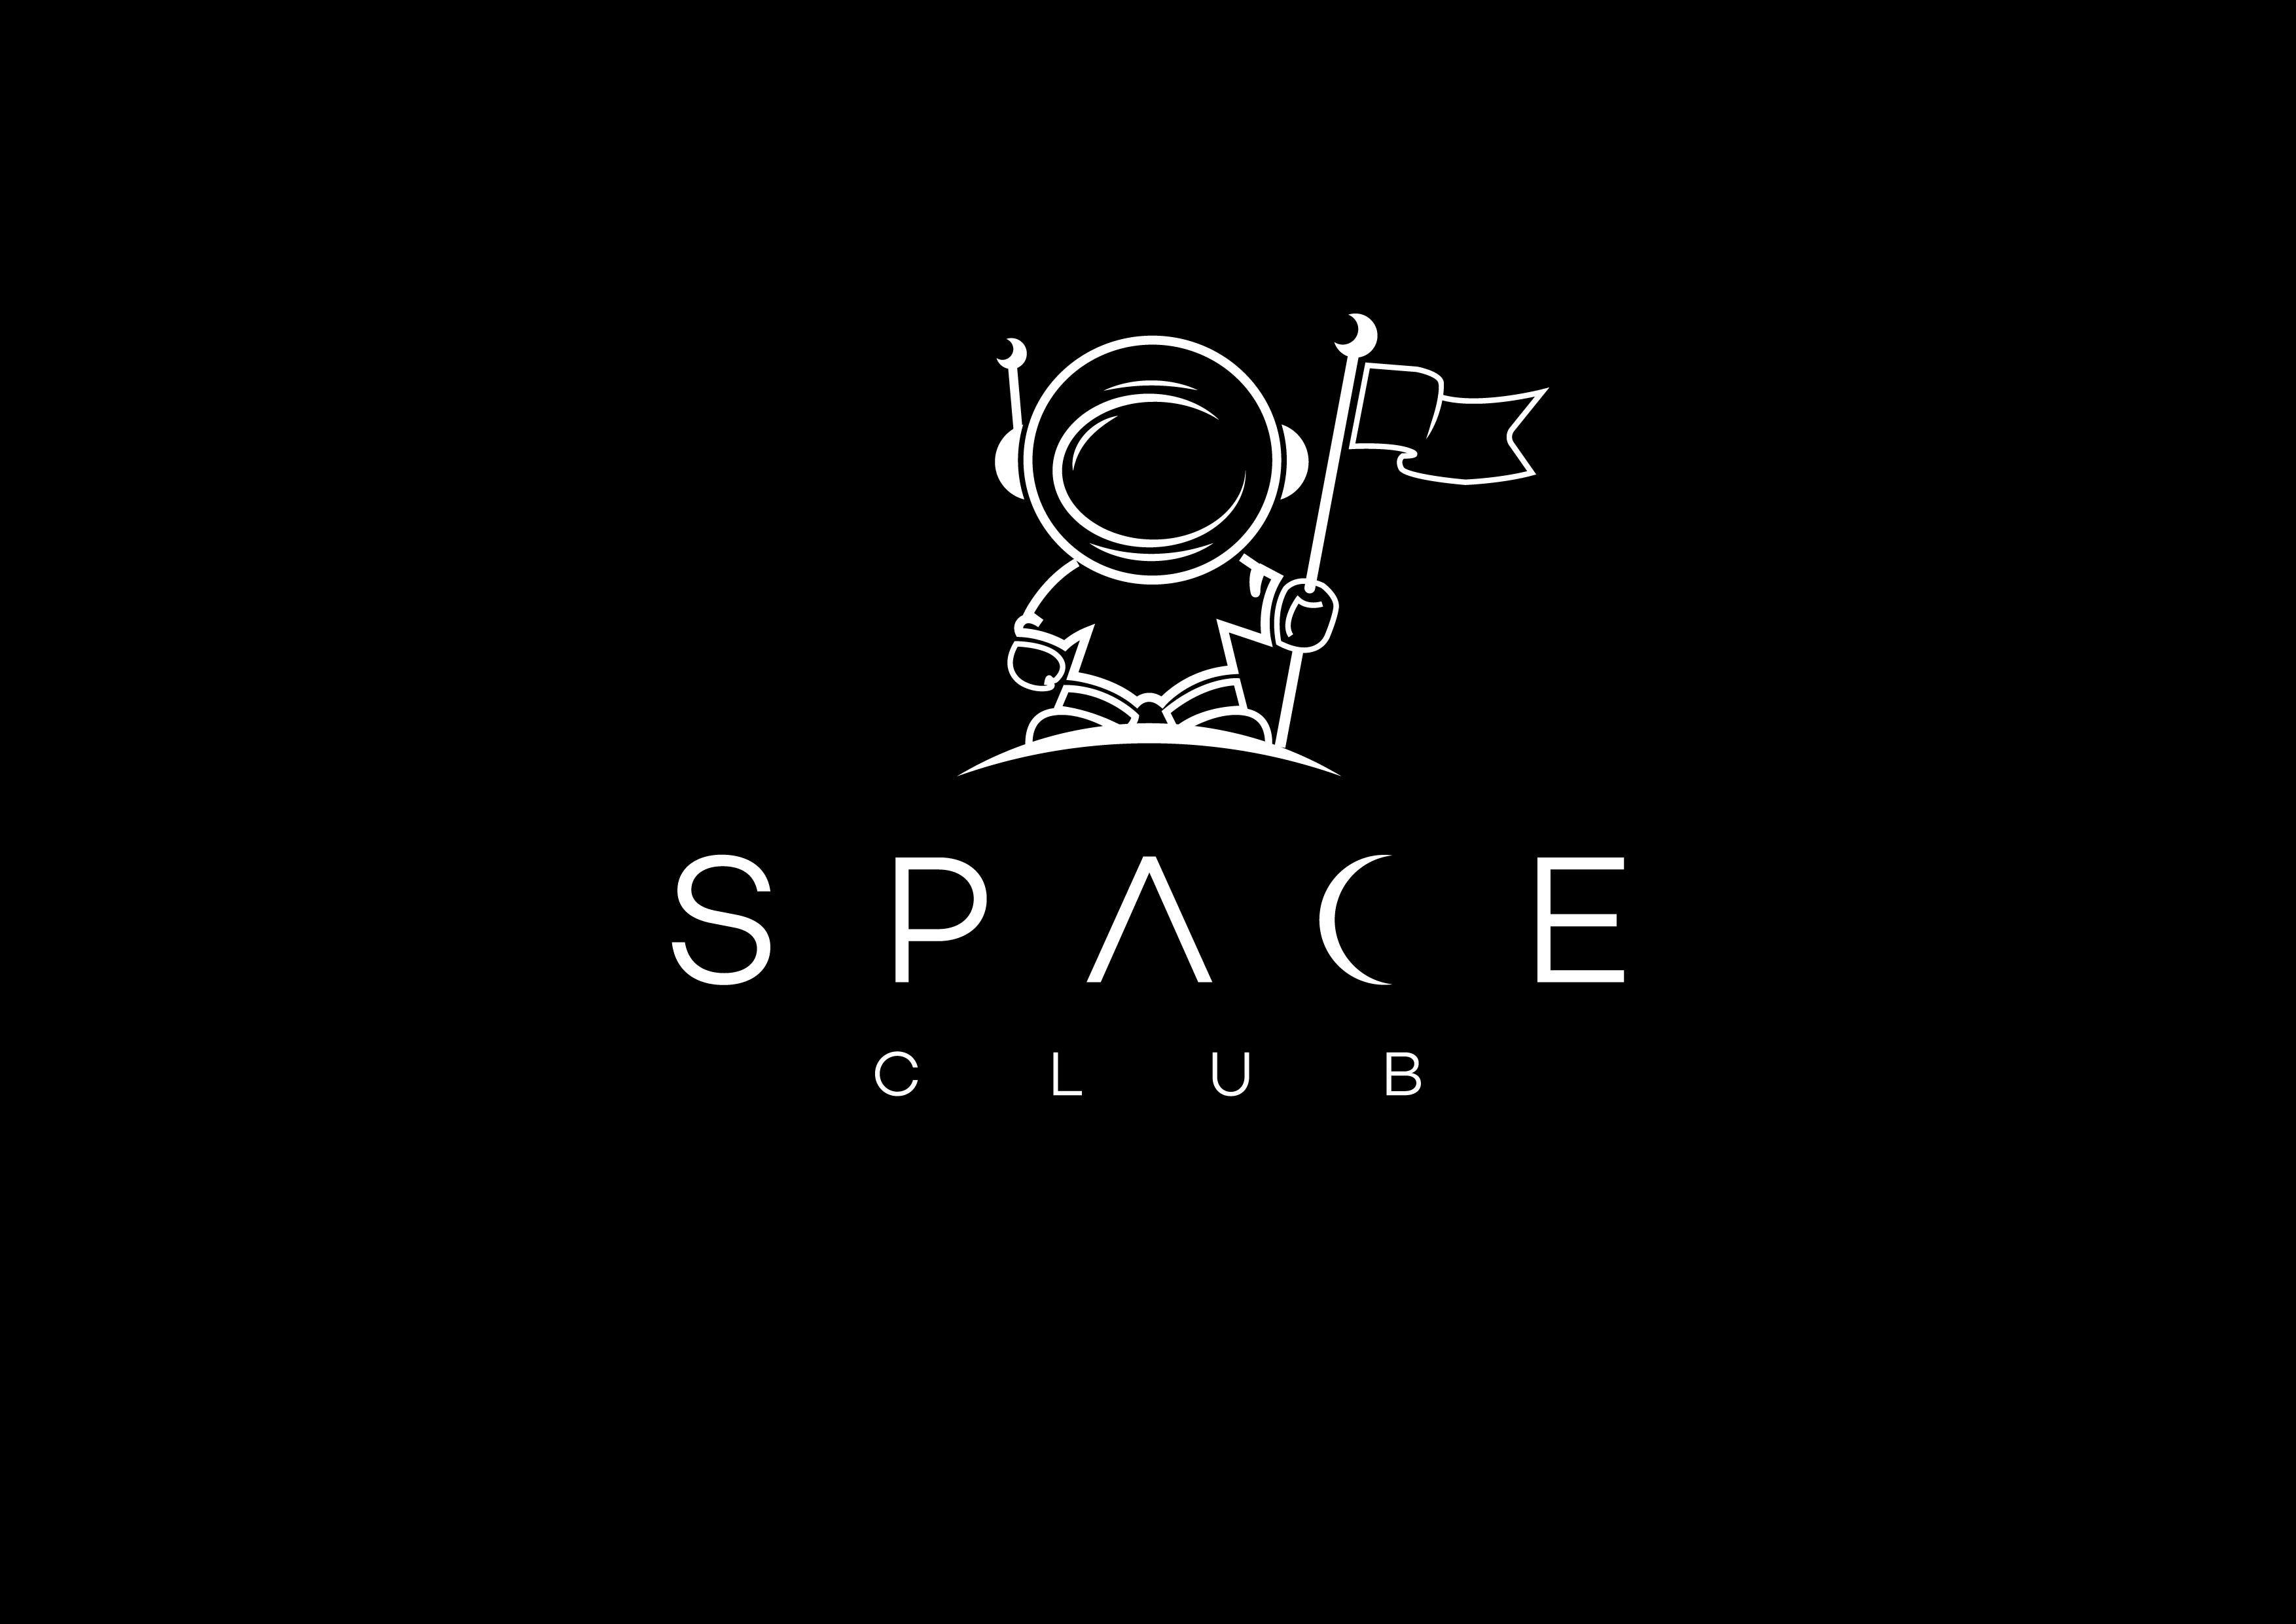 """Minimalist logo design for Nightclub """"Space club"""""""